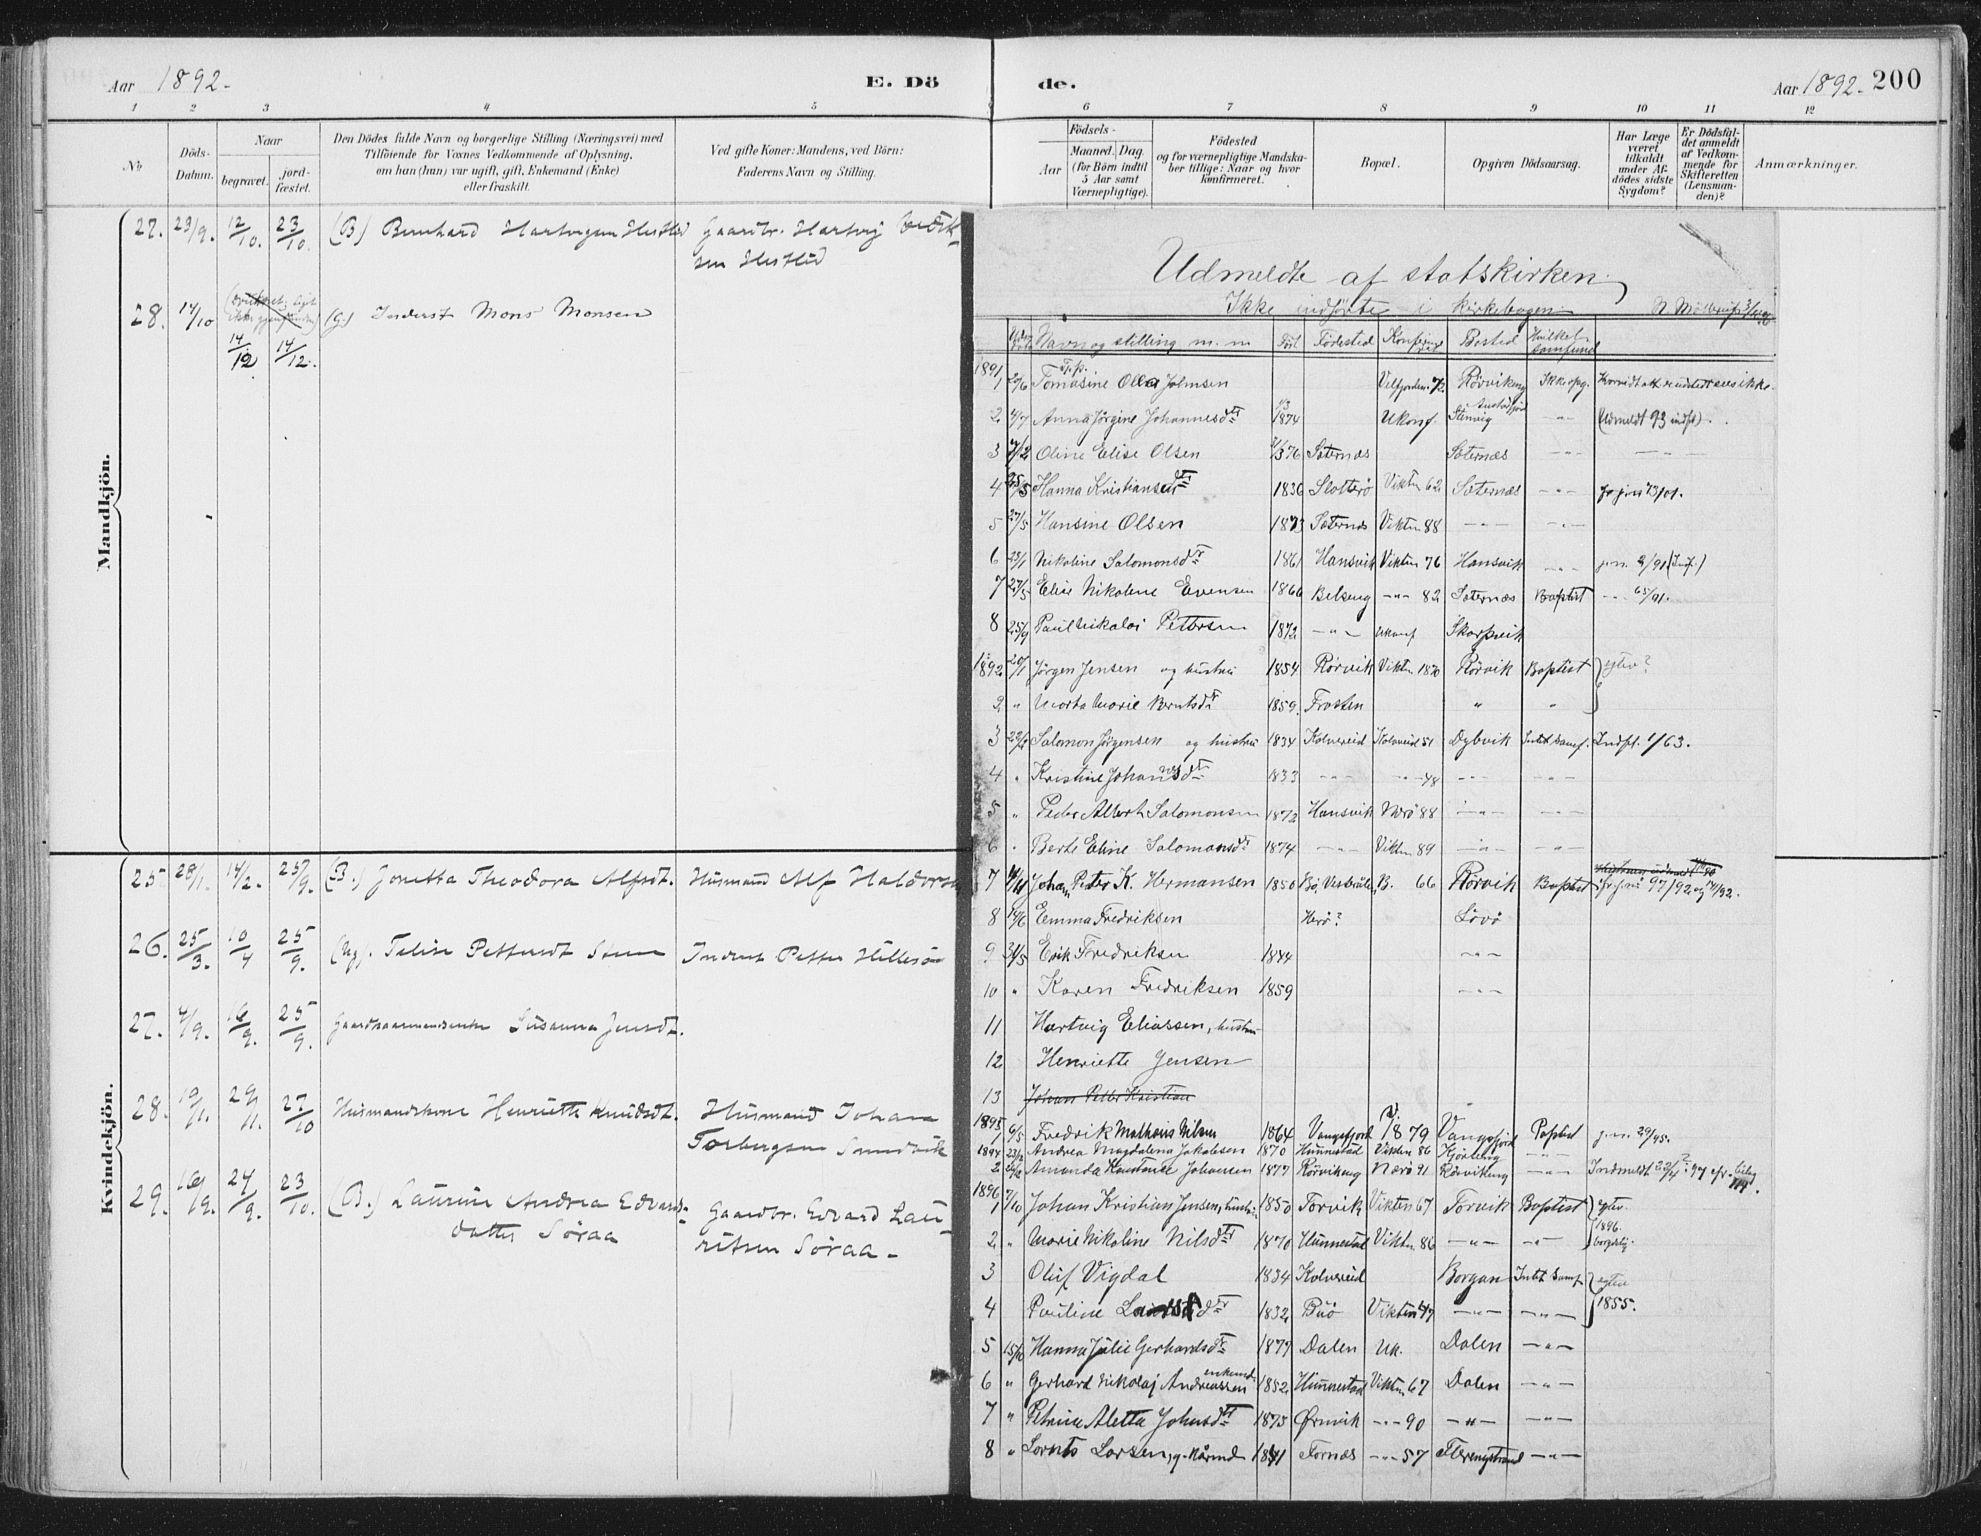 SAT, Ministerialprotokoller, klokkerbøker og fødselsregistre - Nord-Trøndelag, 784/L0673: Ministerialbok nr. 784A08, 1888-1899, s. 200